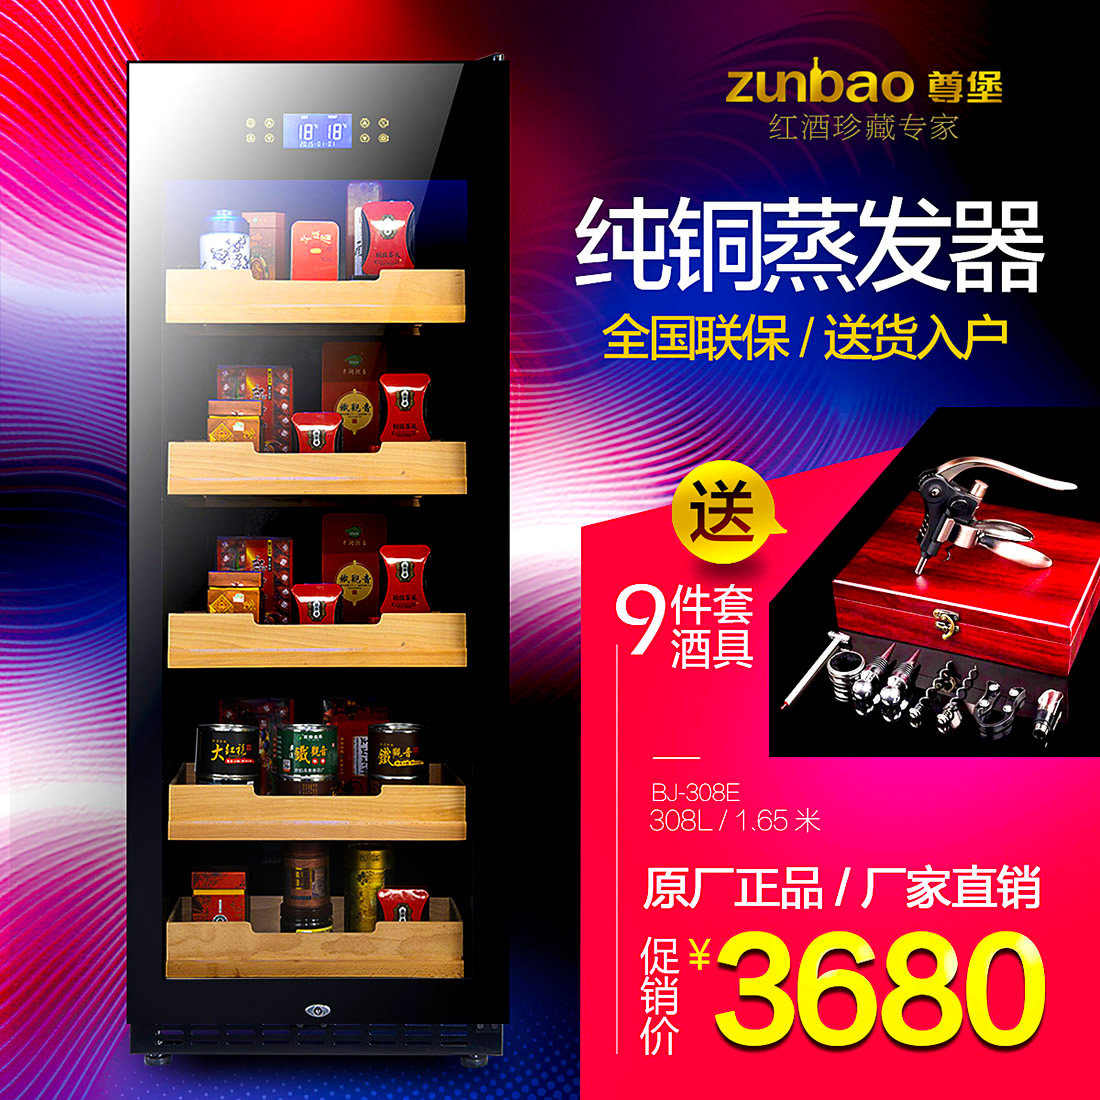 尊堡 JC-308E 茶葉柜 茶葉冷藏柜 冷藏柜 紅酒柜 冷柜 夜晶屏